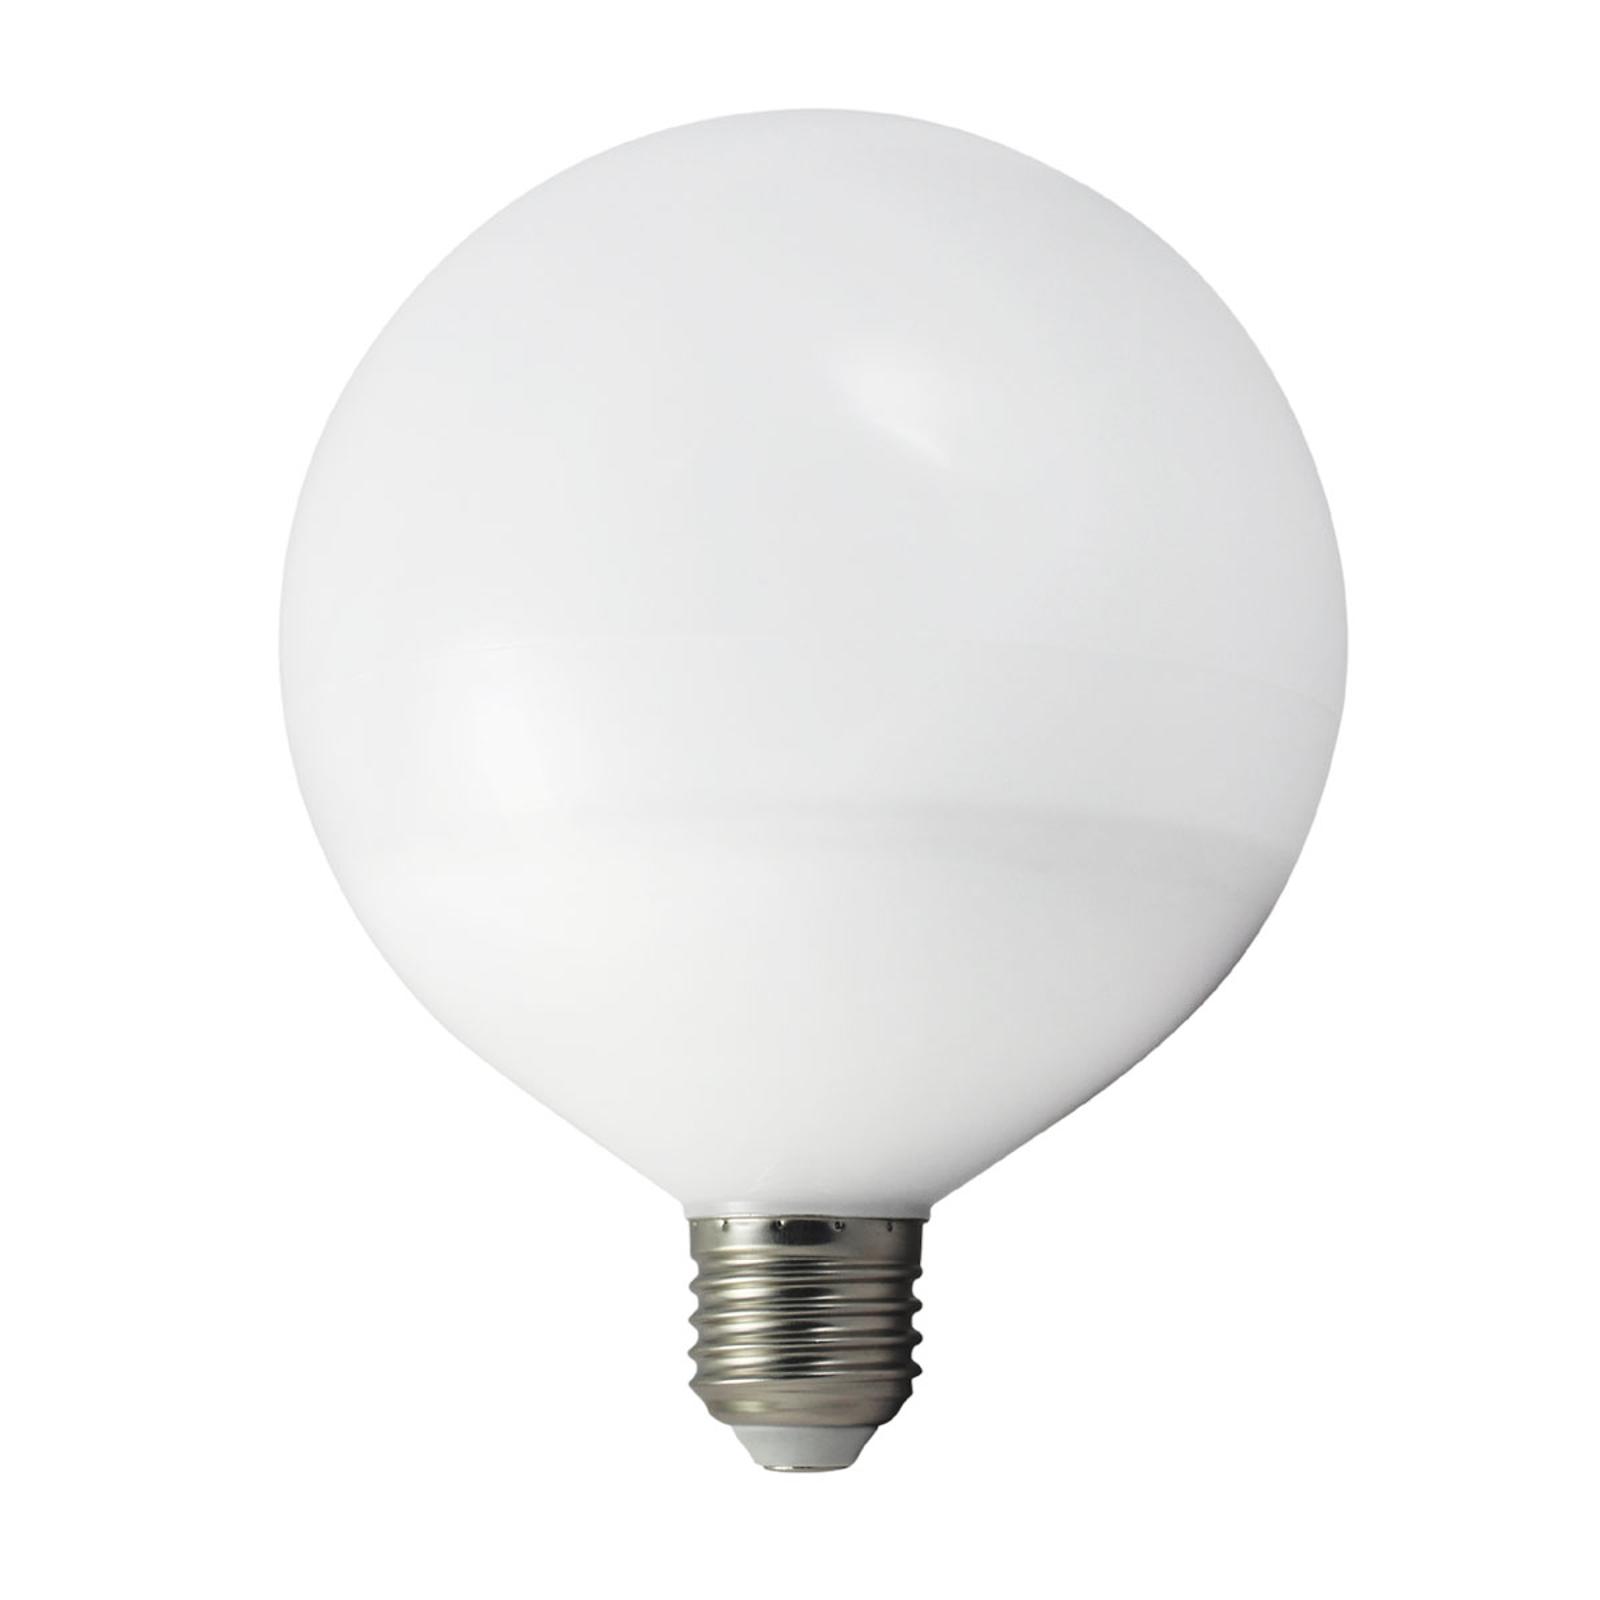 E27 15W 827 kulista żarówka ciepła biel